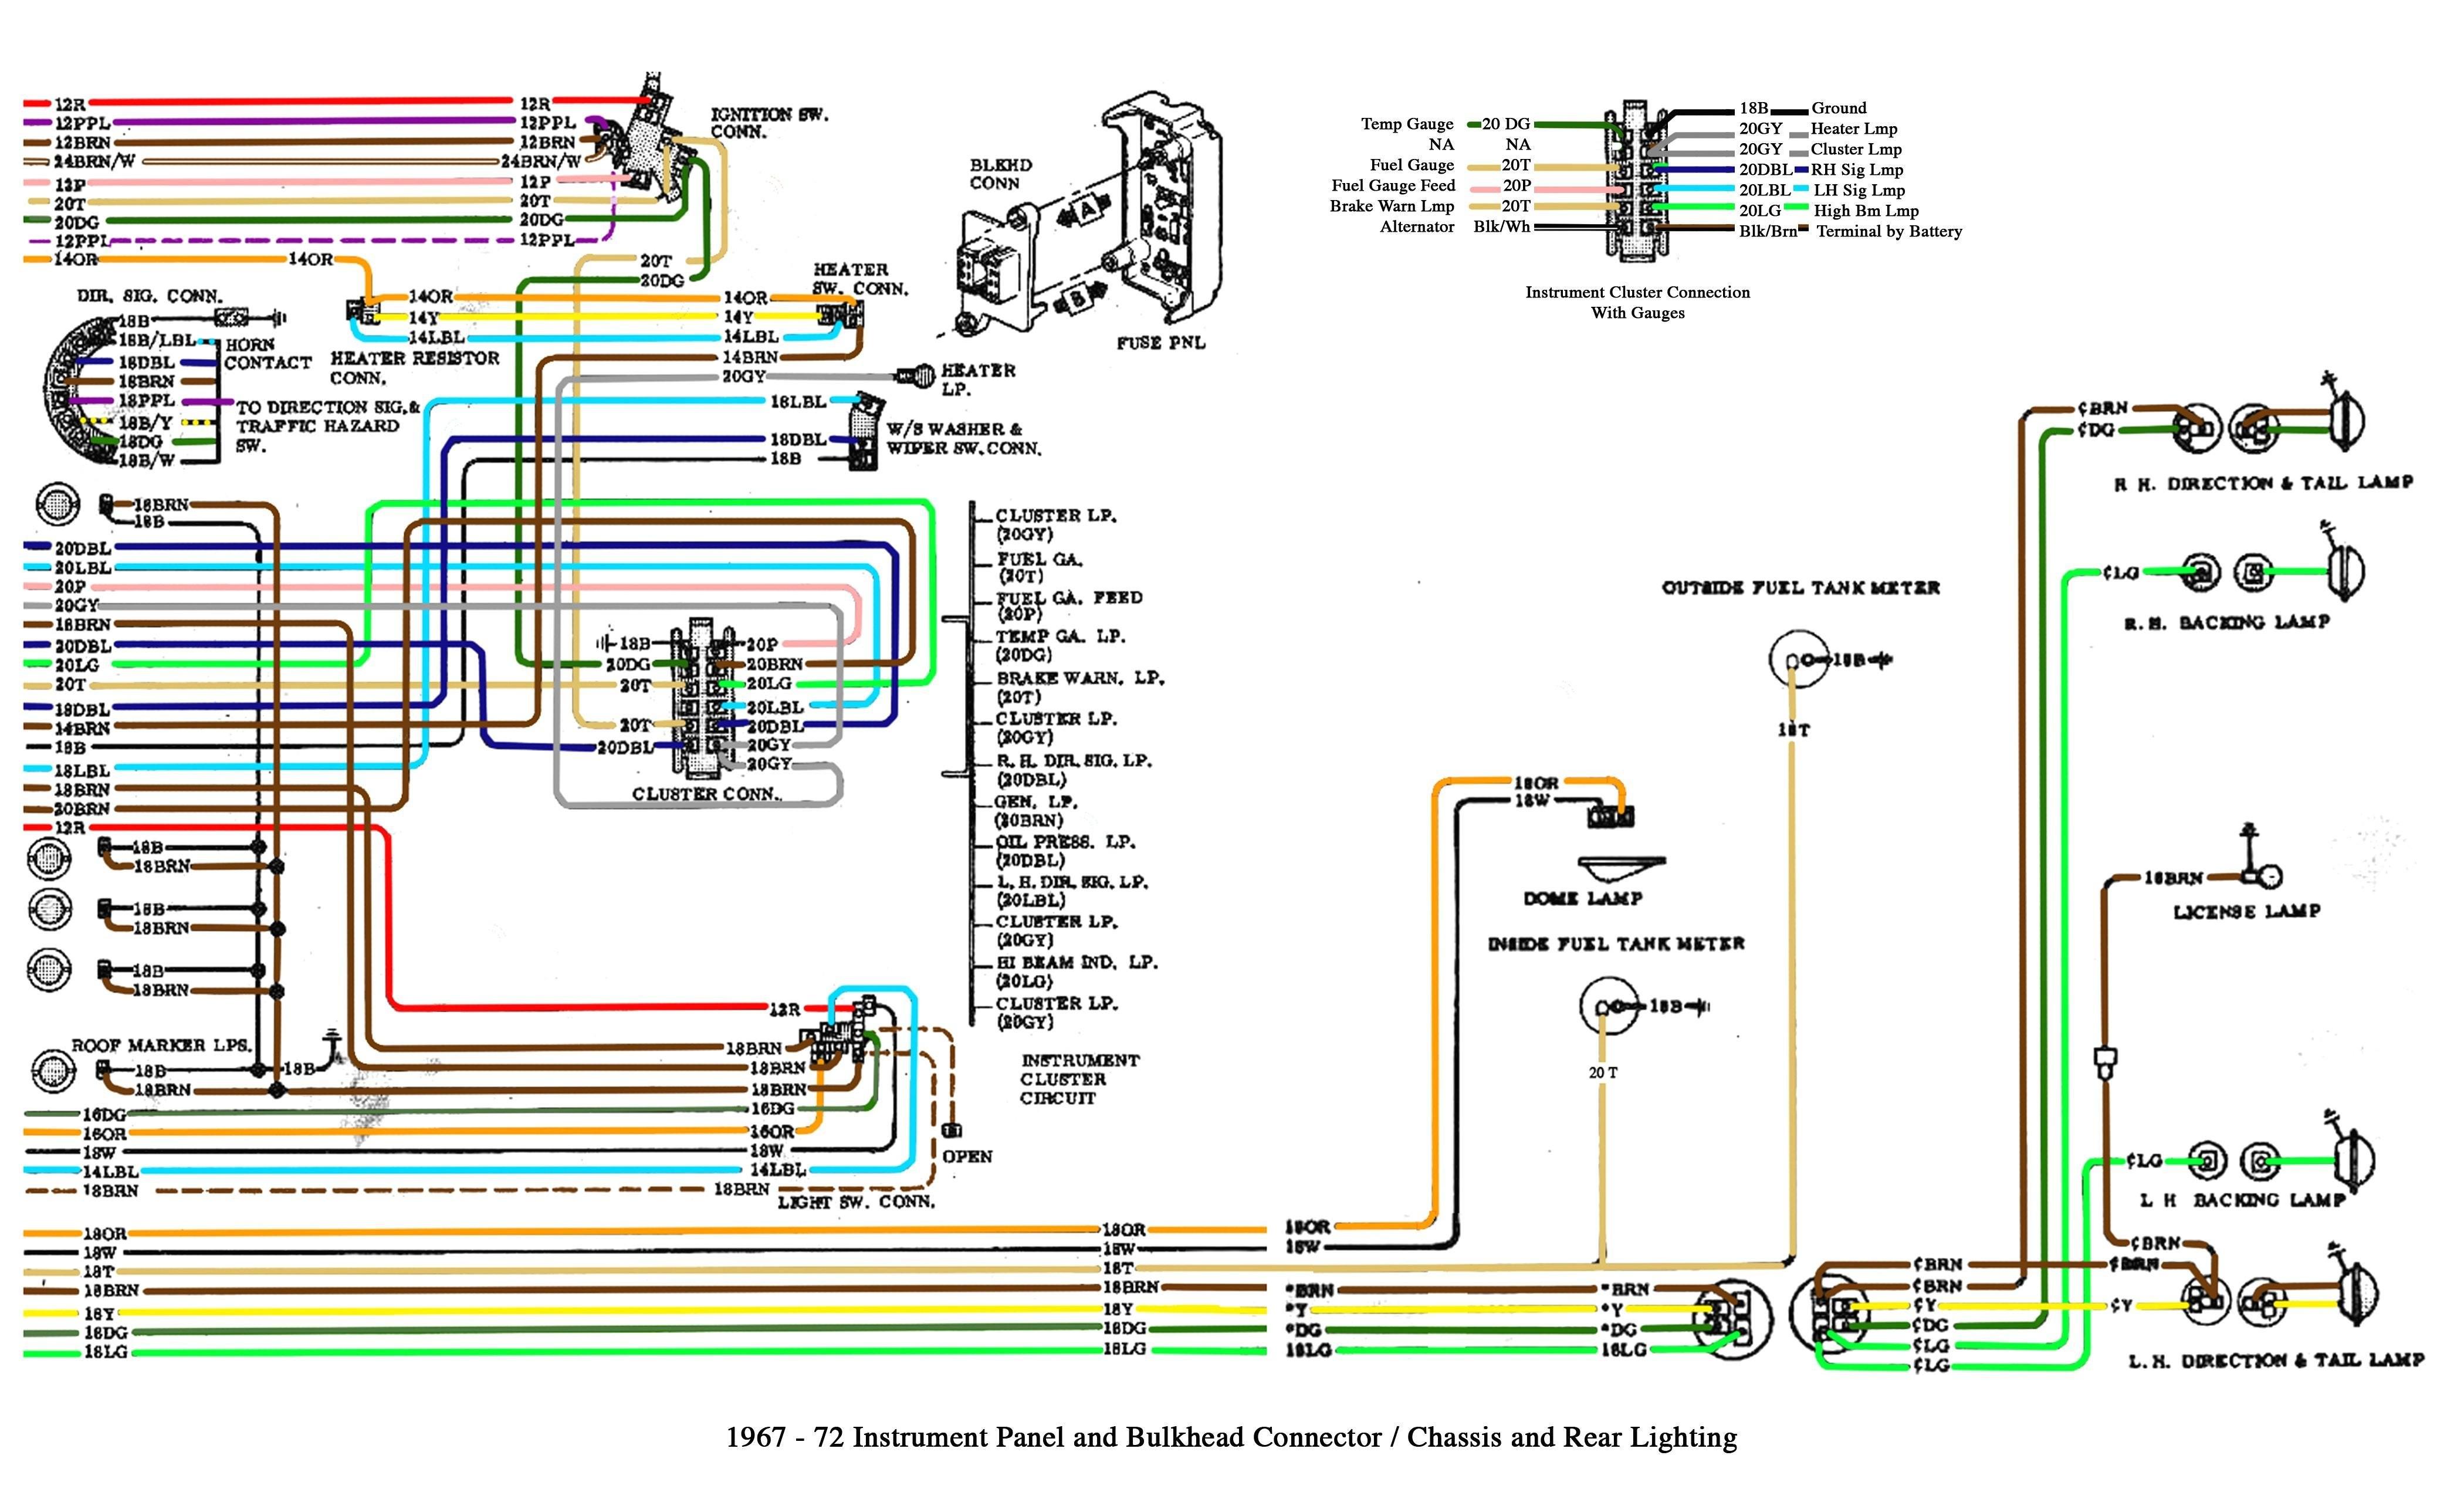 2011 chevy silverado 1500 wiring diagram - wiring diagram suit-upgrade-b -  suit-upgrade-b.agriturismoduemadonne.it  agriturismoduemadonne.it